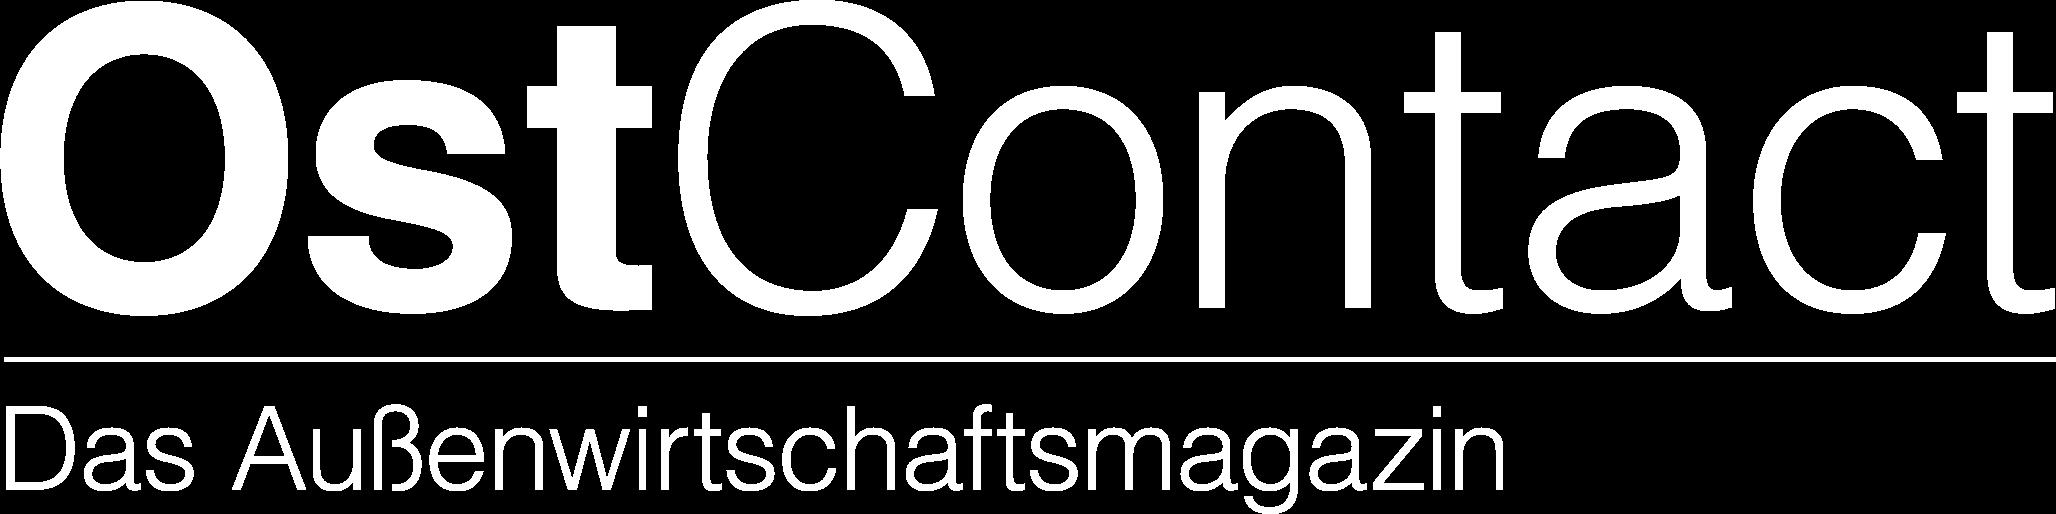 https://owc.de/wp-content/uploads/2020/05/OstContact_Weiss_XL.png